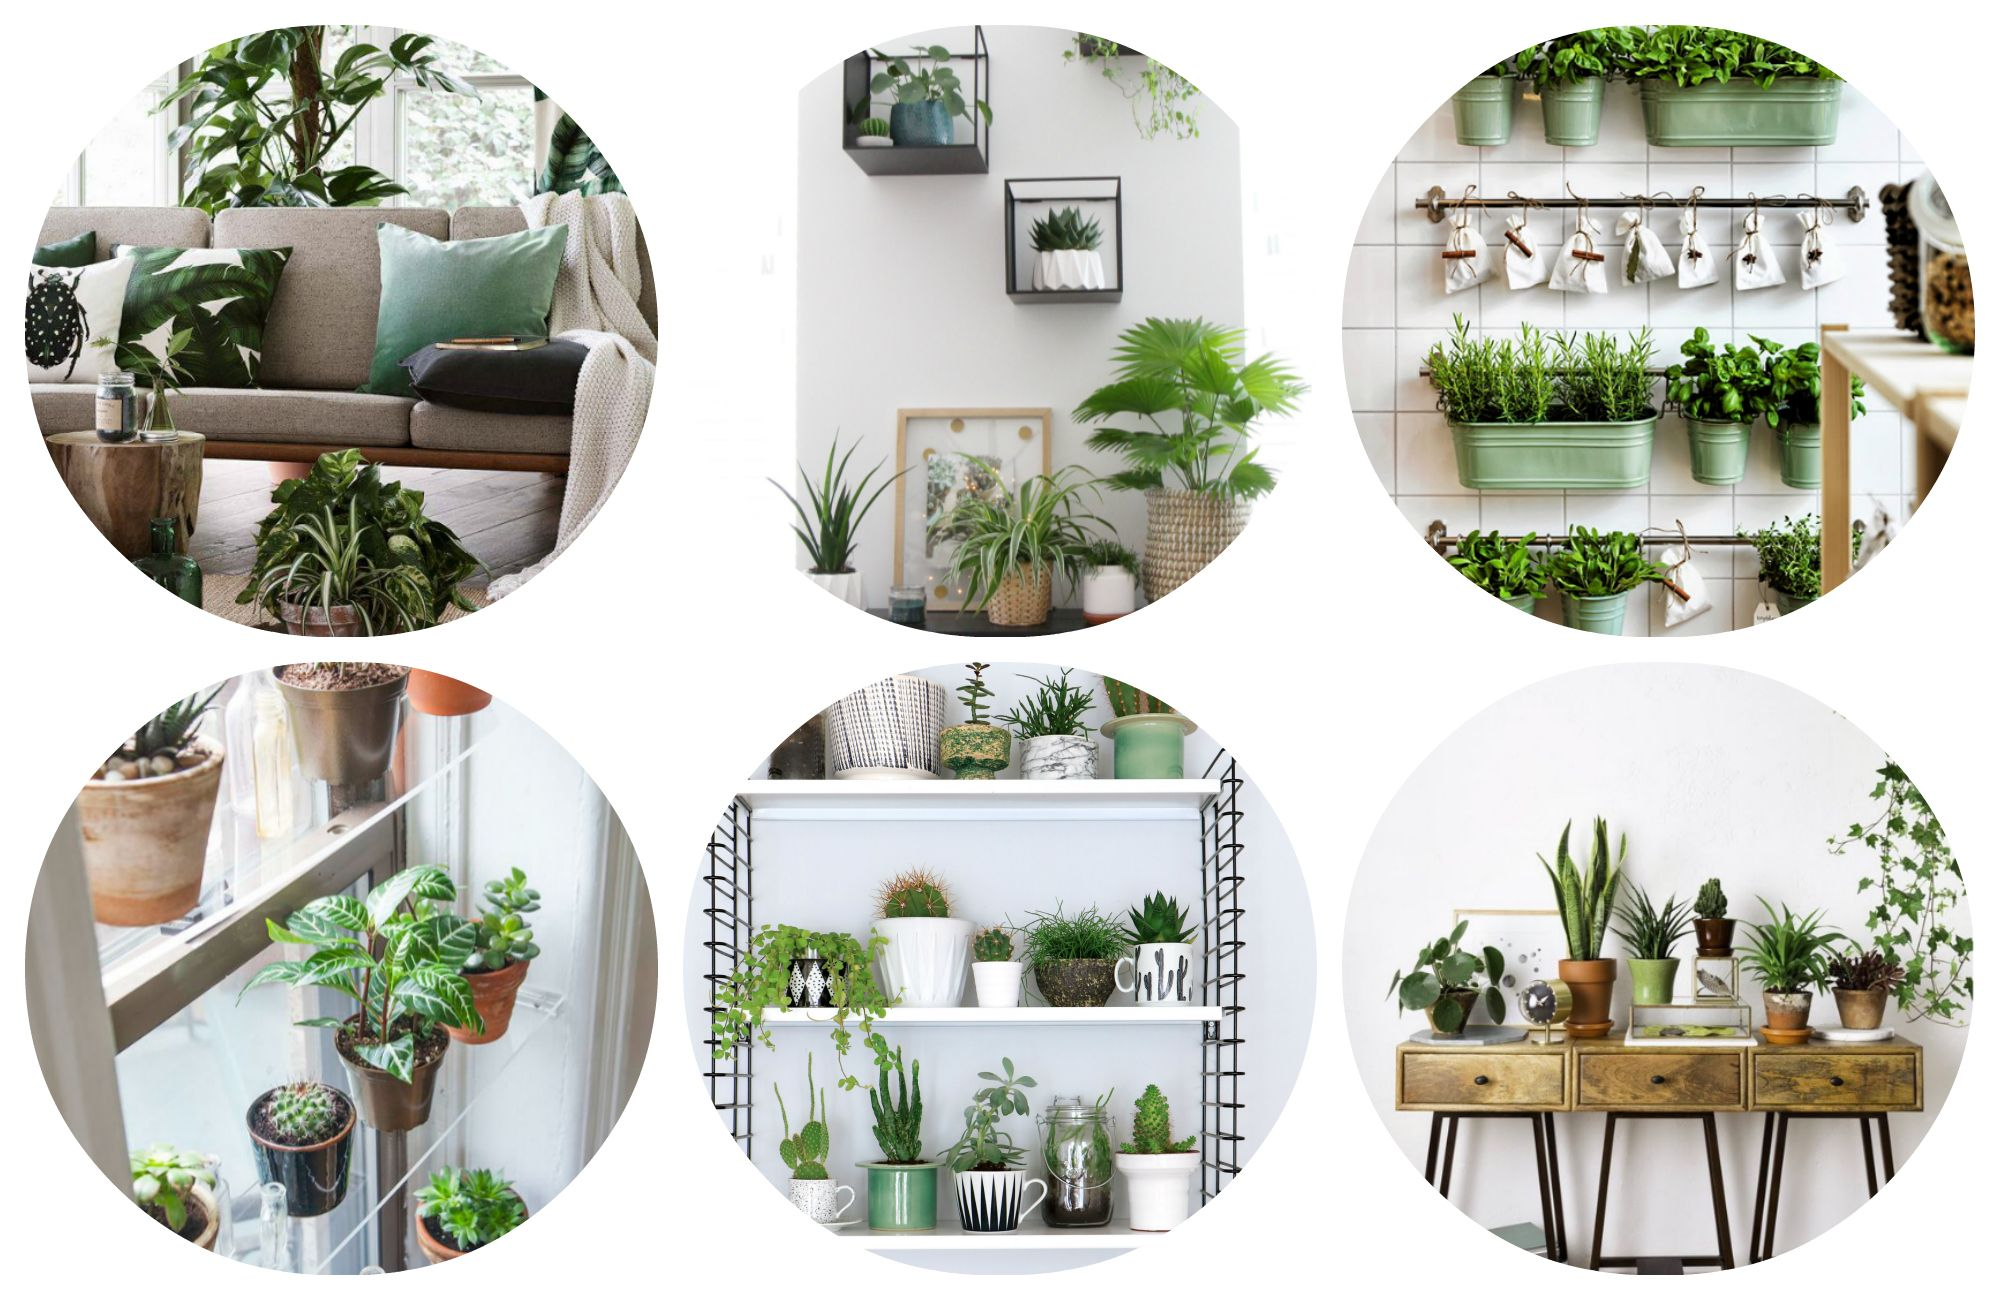 Urban Jungle Inspiratie : Kamerplanten zijn terug! is jouw woning als urban jungle proof? wij